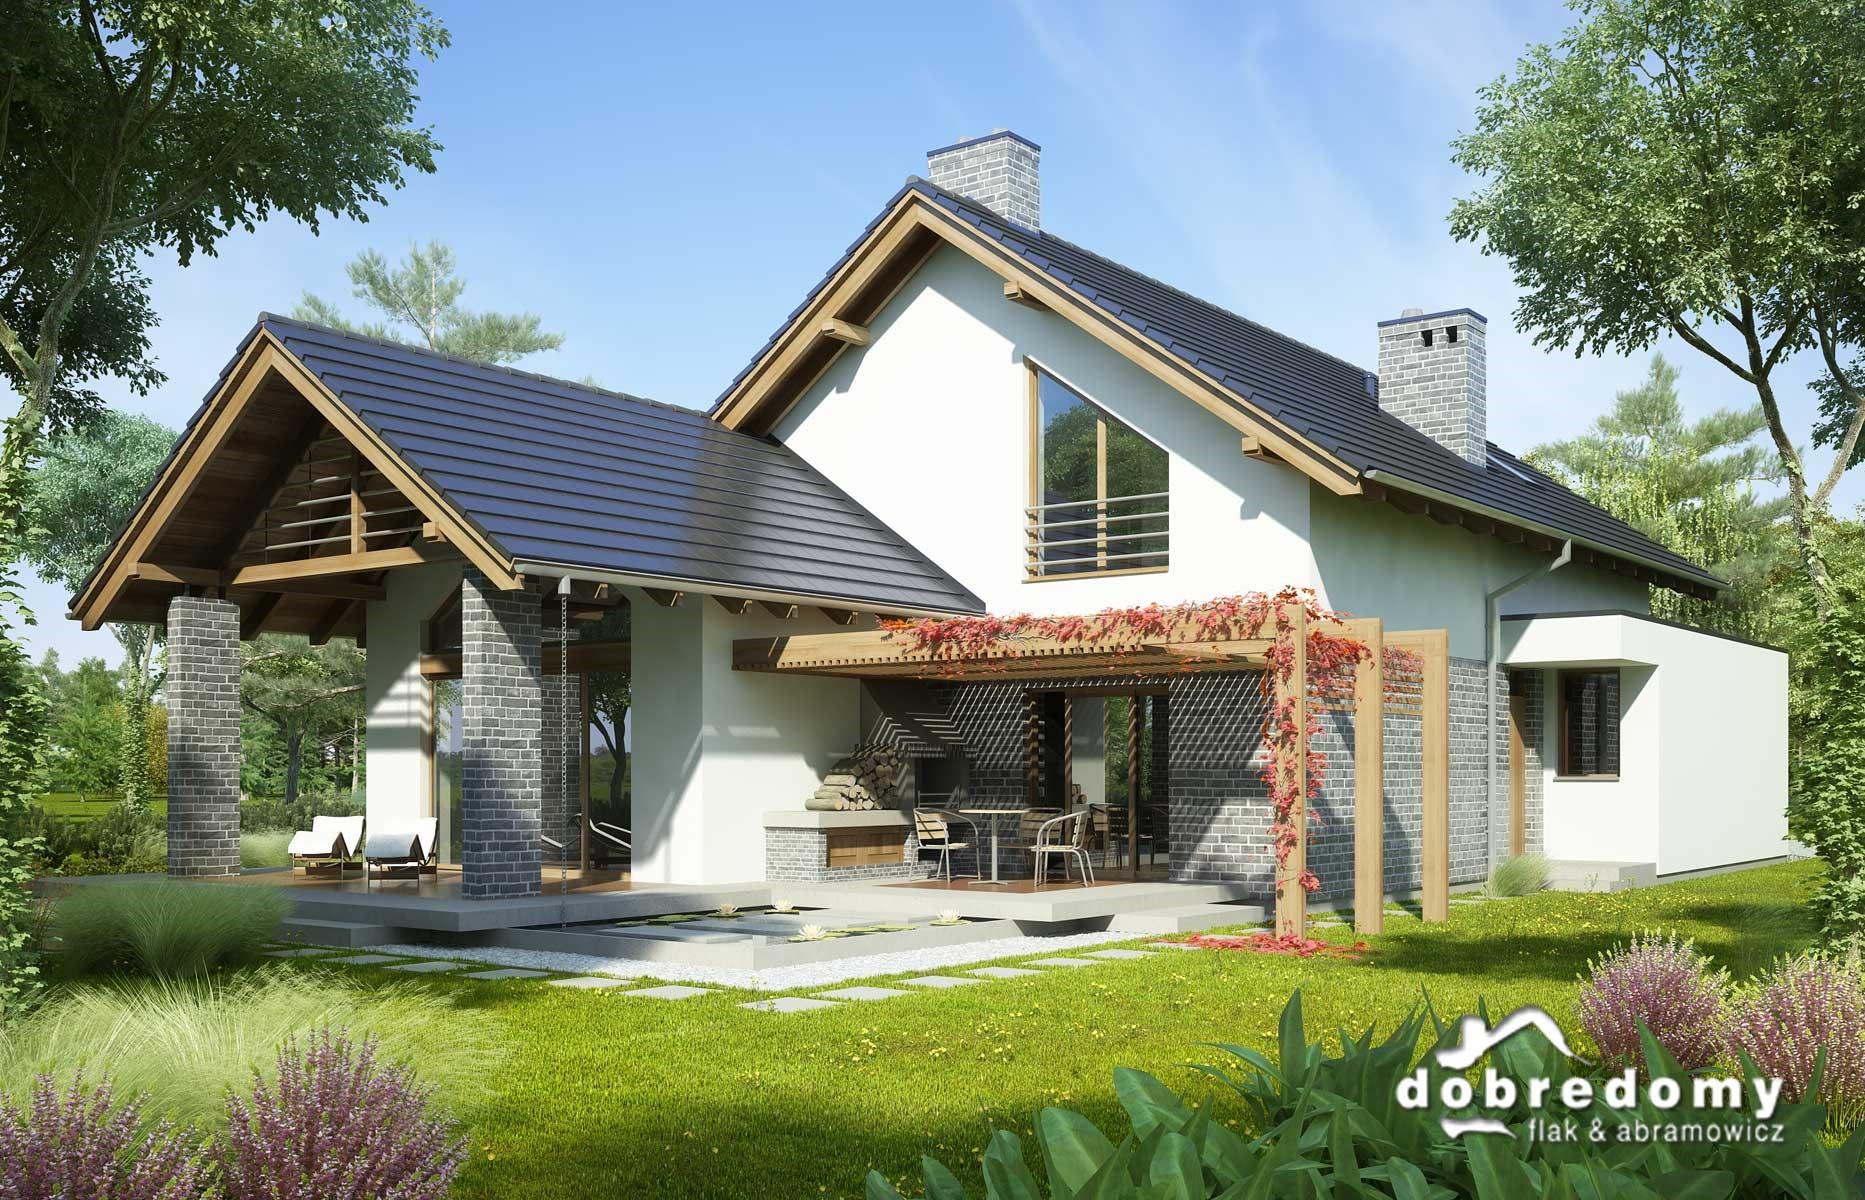 Elektryczność w Twoim domu, czyli jak zabezpieczyć zewnętrzną instalację elektryczną?